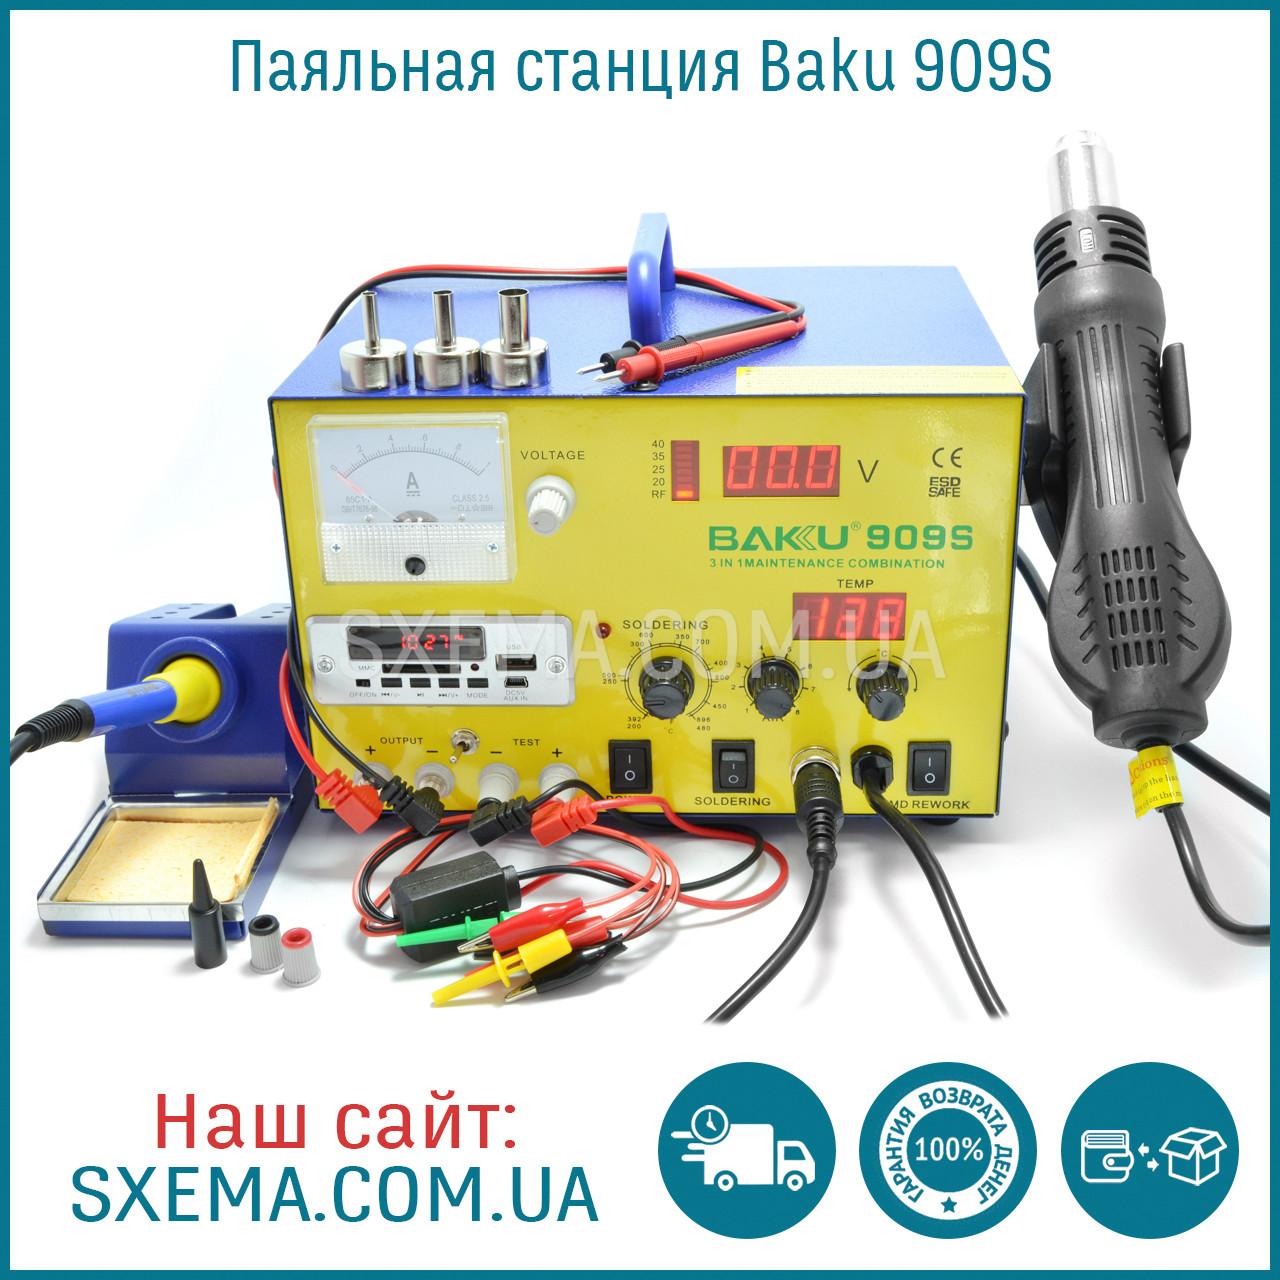 Паяльная станция Baku BK-909S фен + паяльник + лабораторный блок питания 1А + Радио и MP3